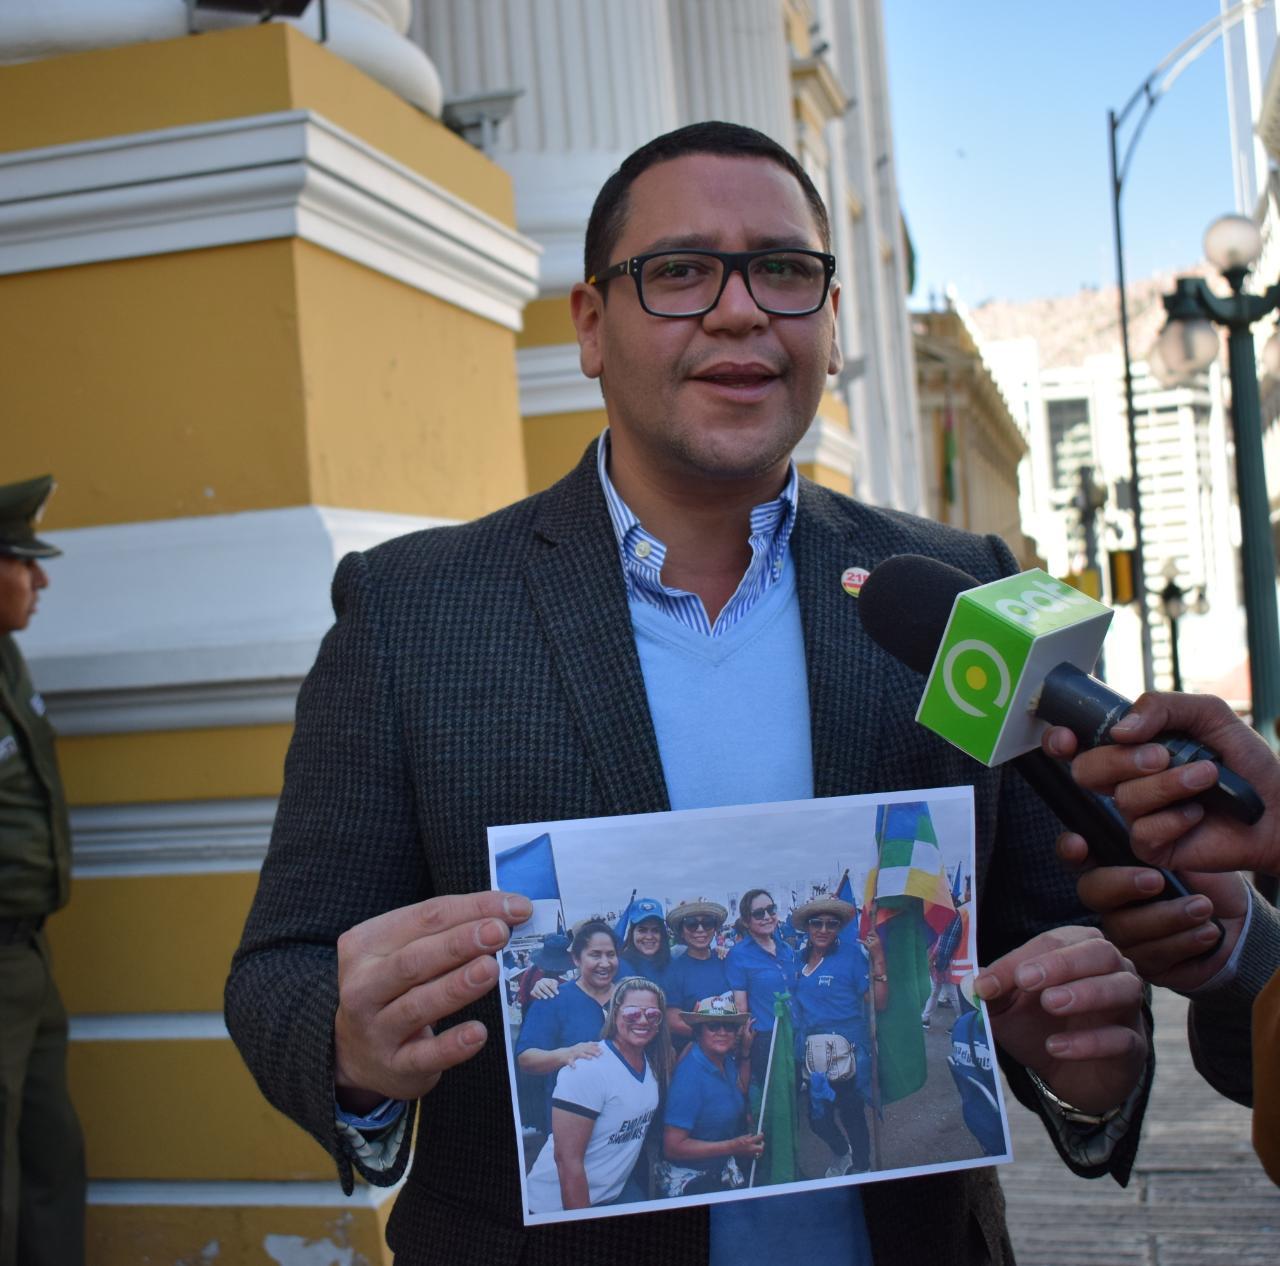 Diputado Monasterio muestra fotografías de Mayerling Castedo en una concentración del MAS